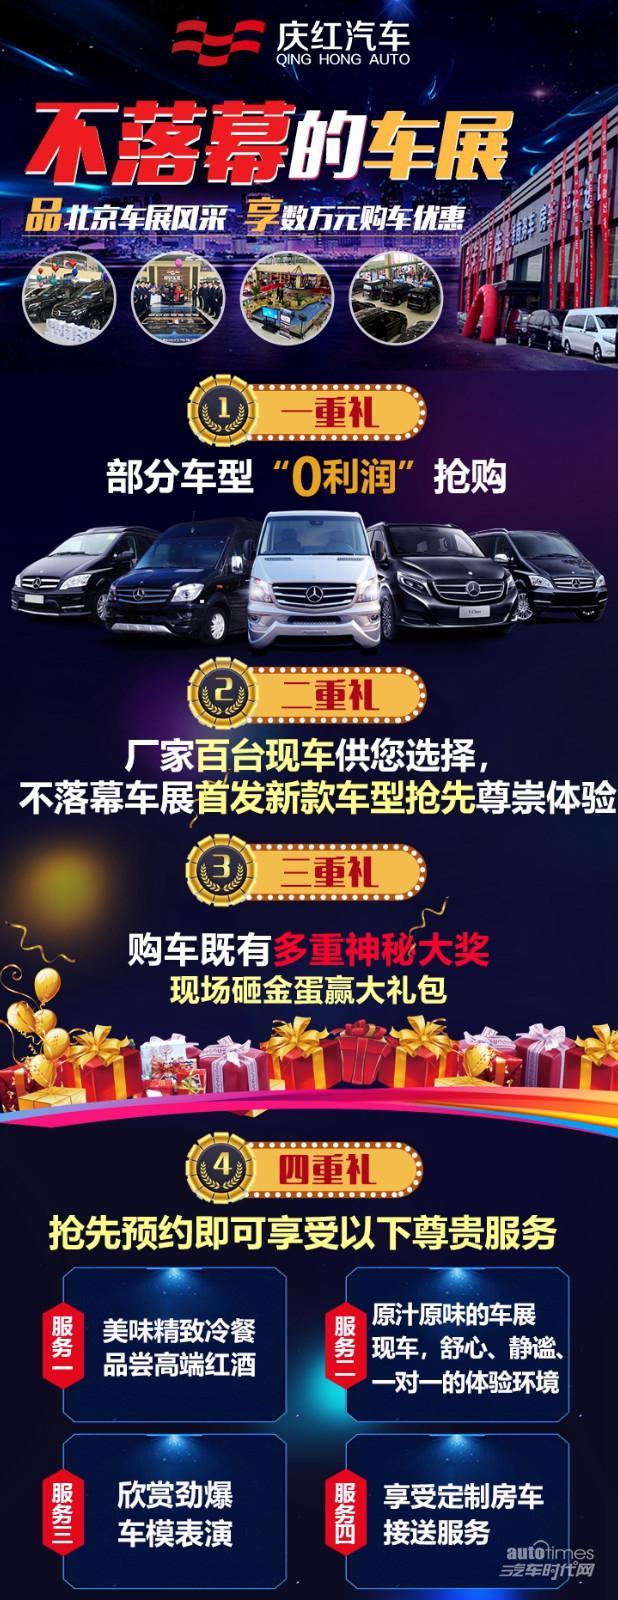 北京车展结束,不落幕的车展让优惠继续